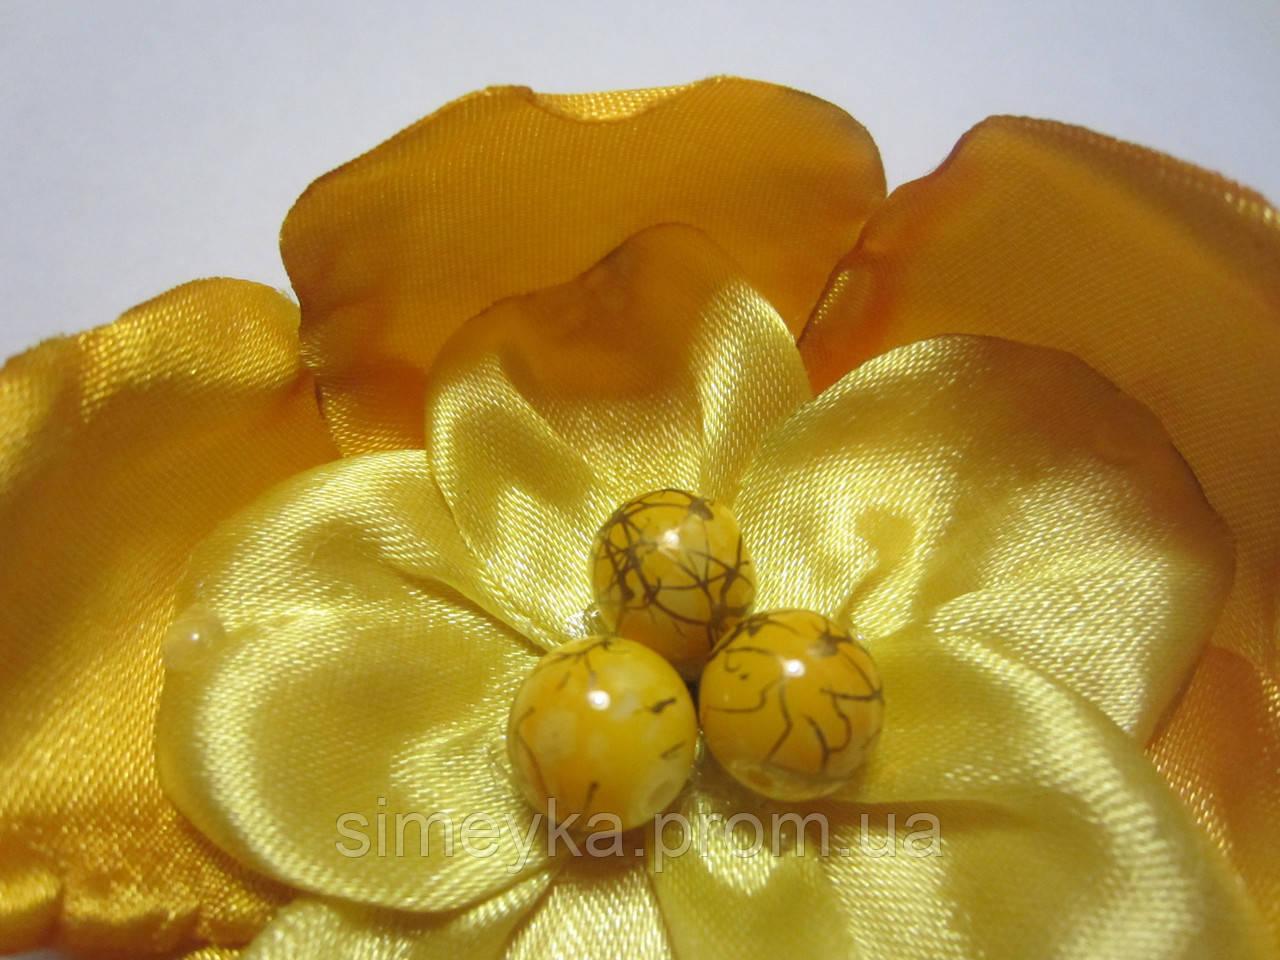 Бусина керамическая 10 мм жёлтая с золотым декором